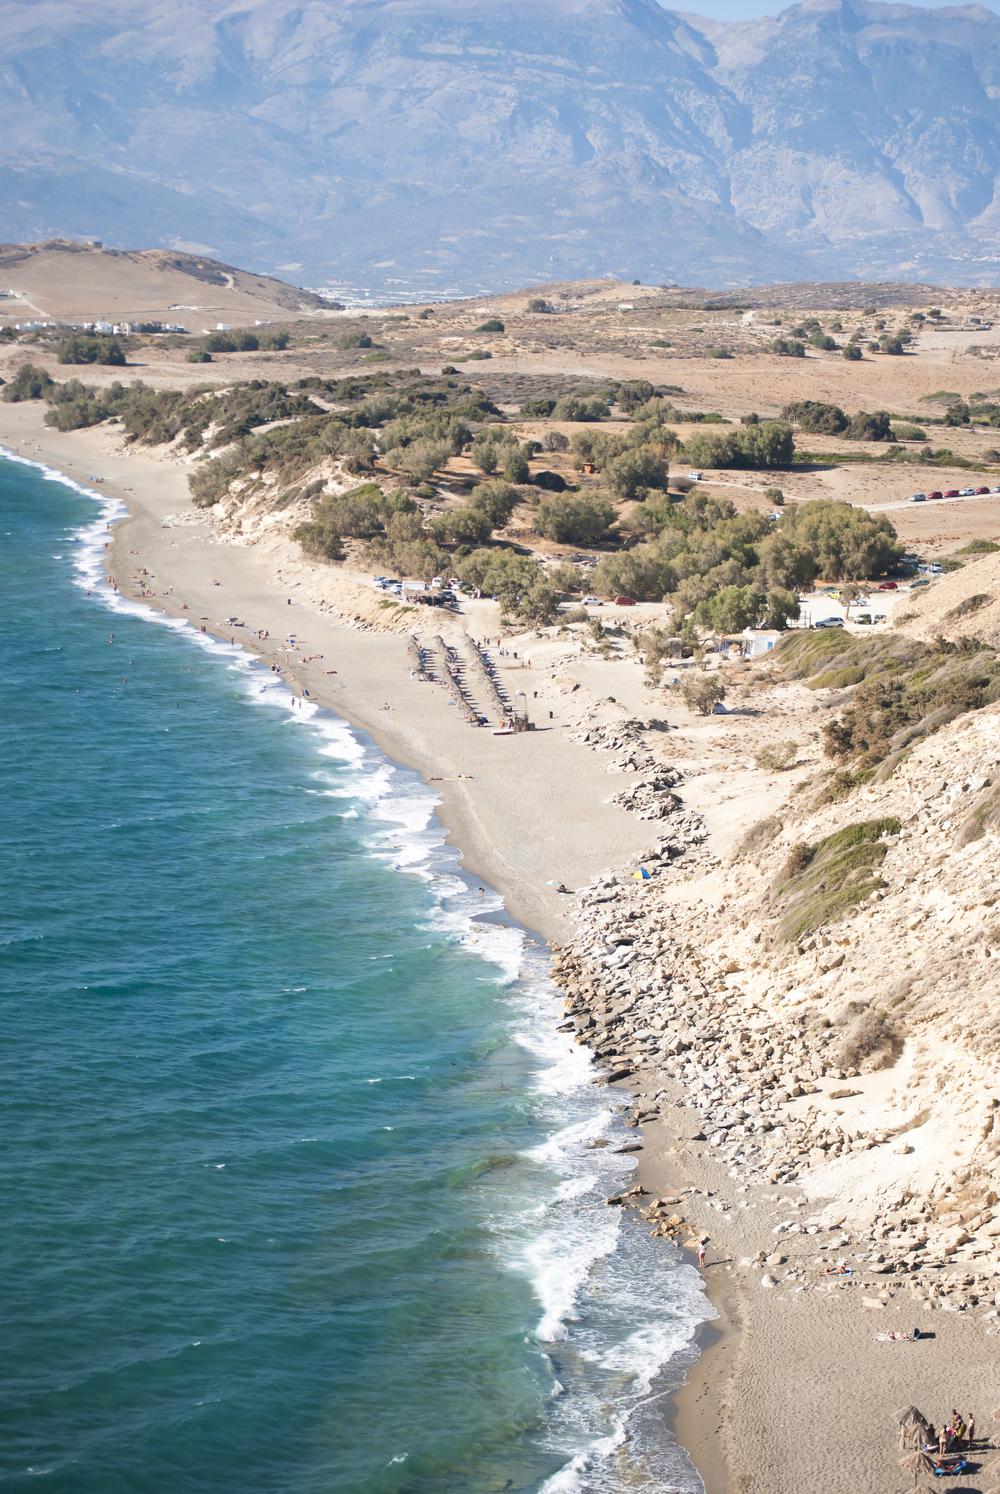 Komos beach